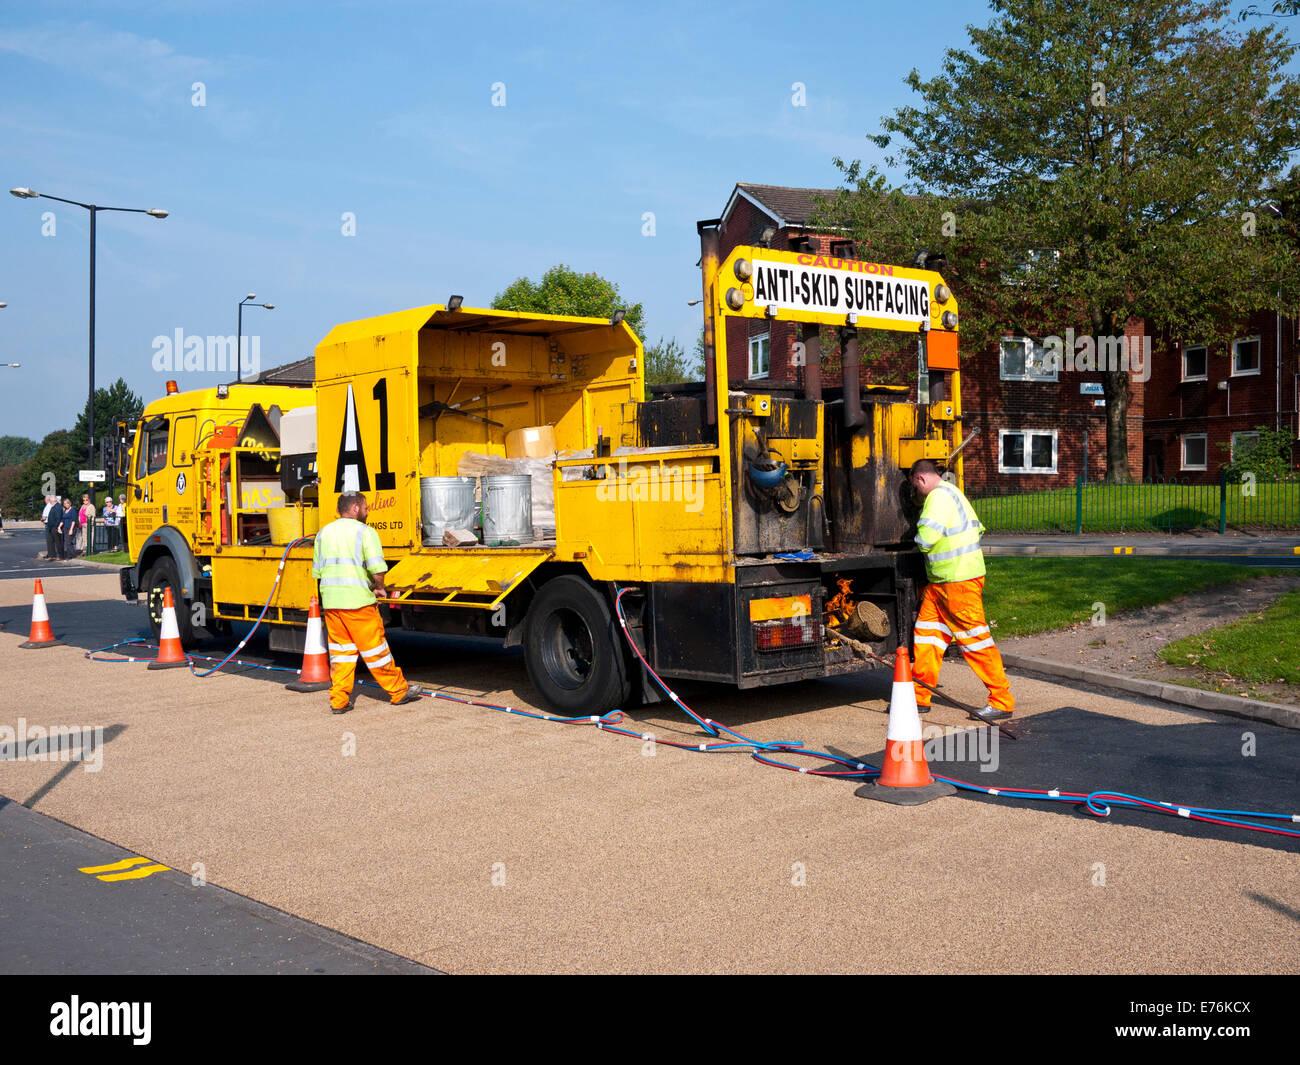 Des travaux de nivellement Anti-Skid en cours, Oldham, Lancashire, Royaume-Uni. Photo Stock